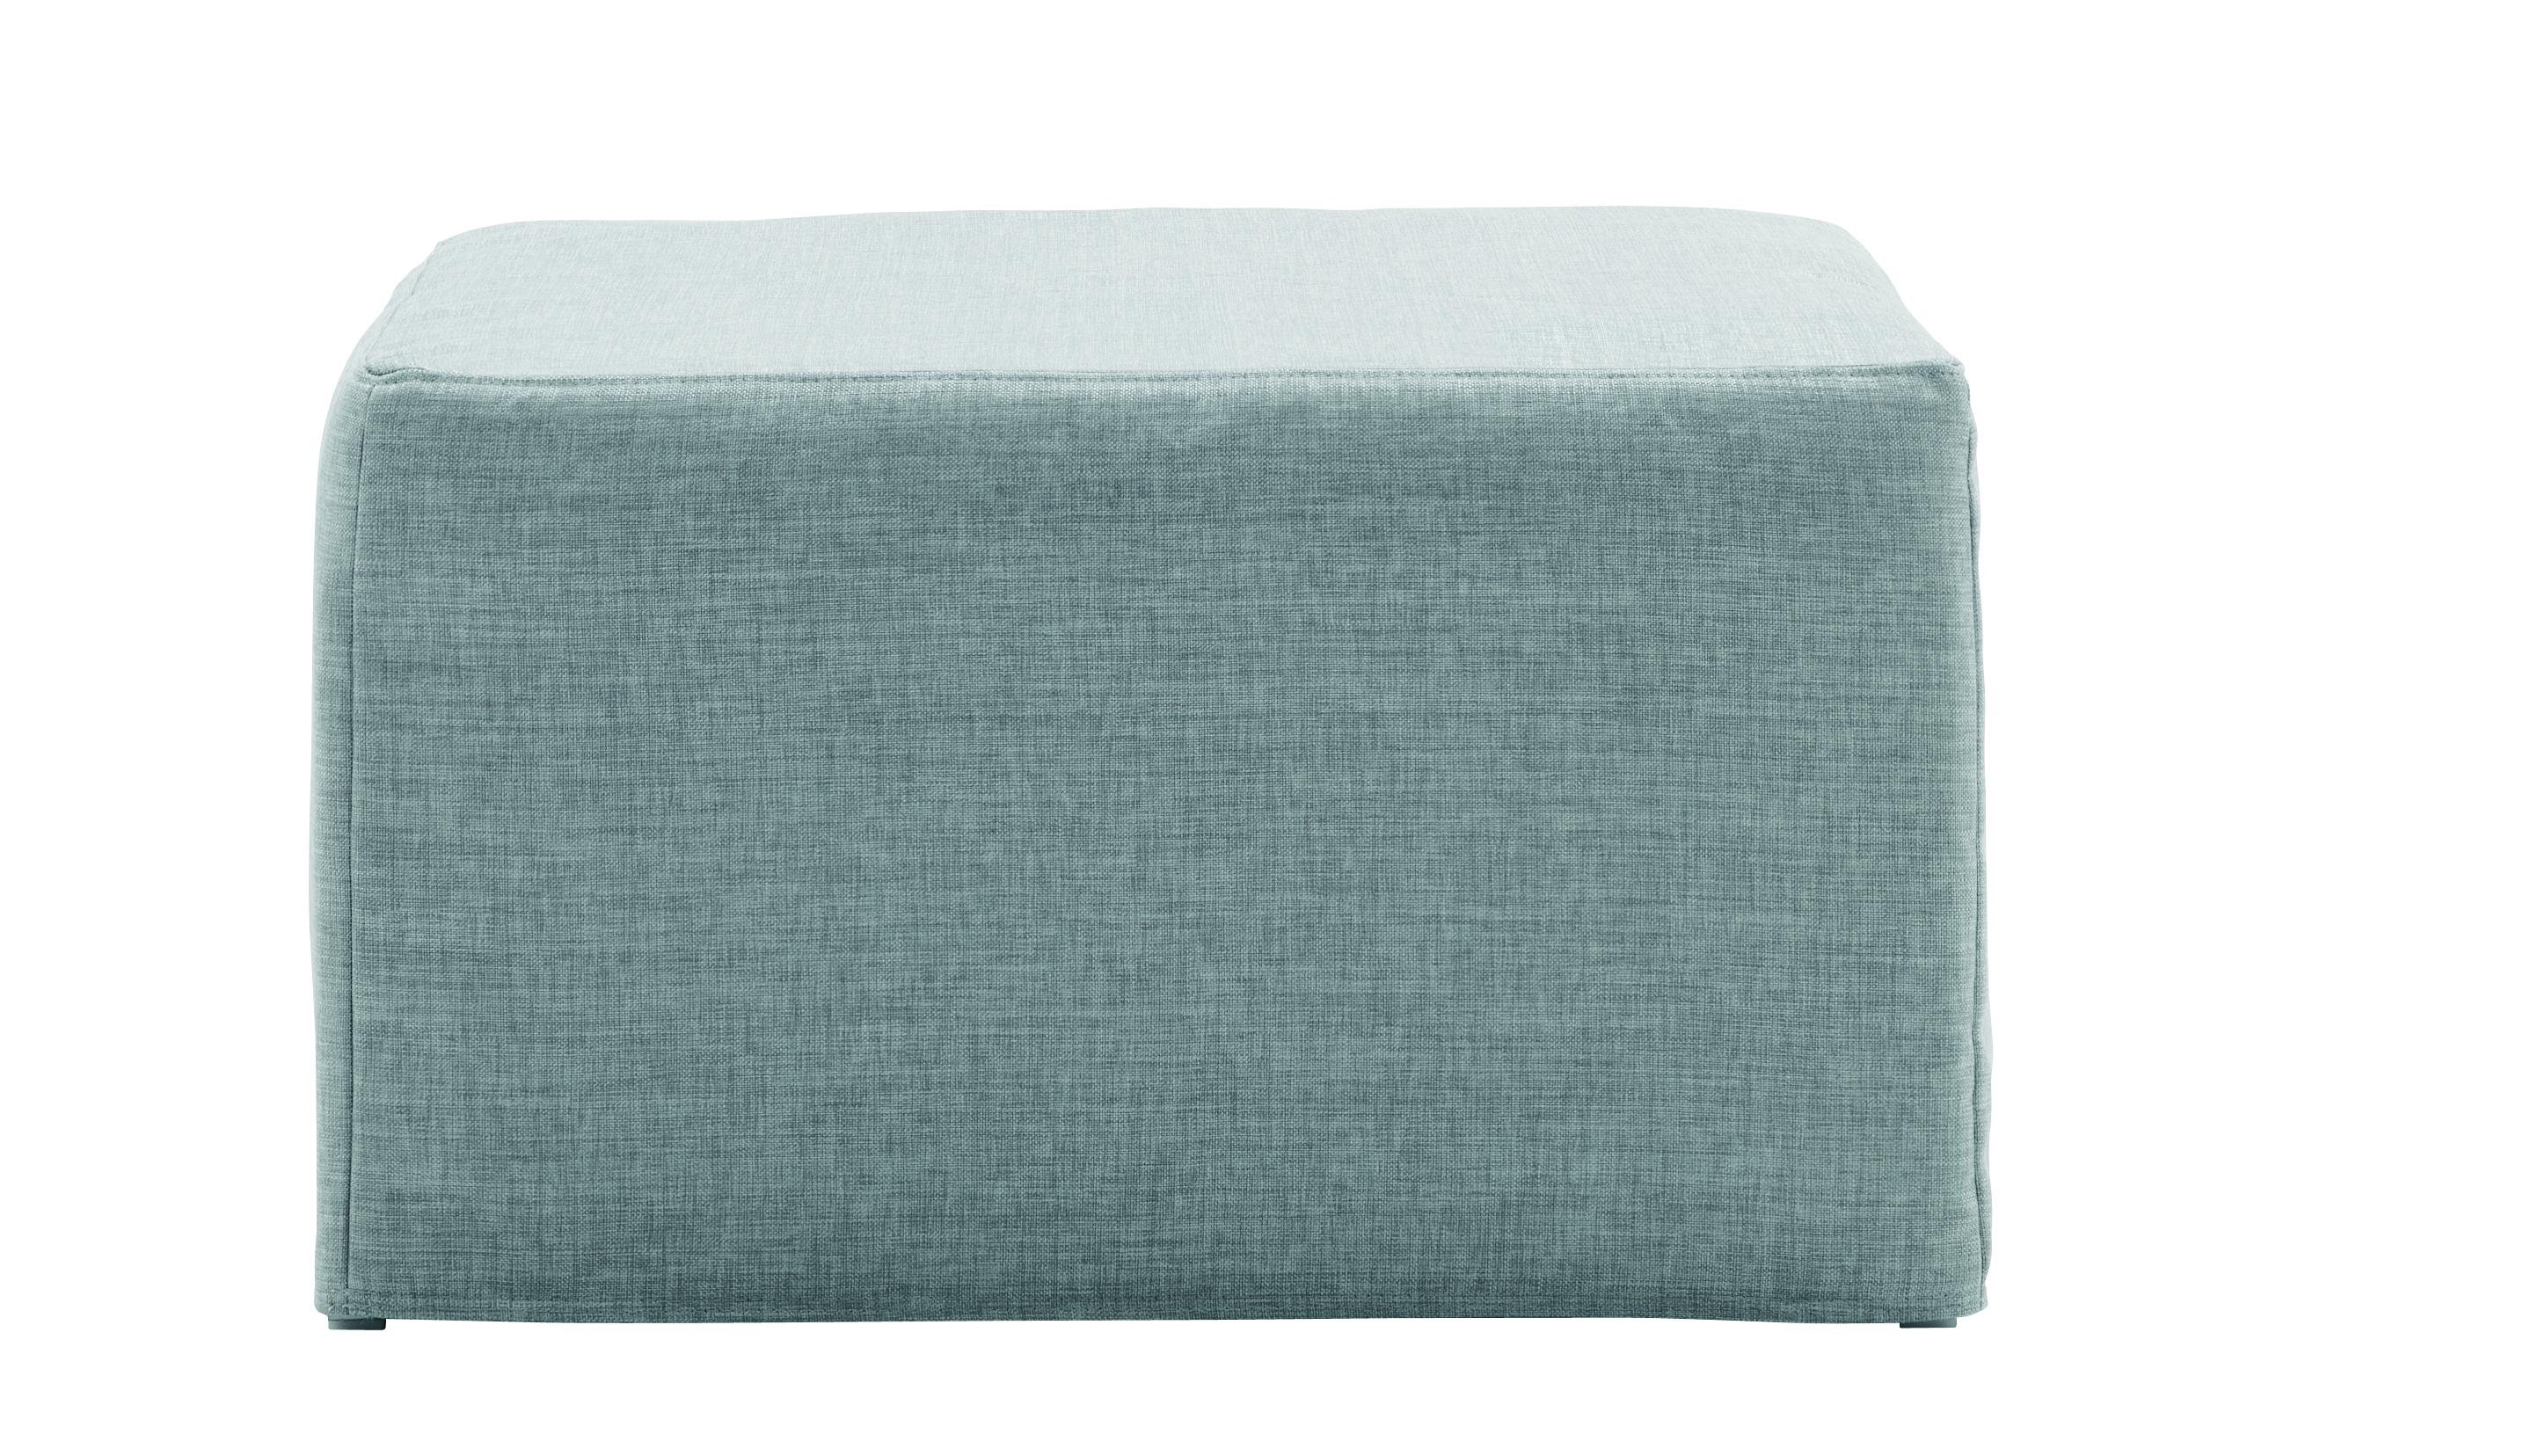 stockholm sofa bed boconcept cambridge. Black Bedroom Furniture Sets. Home Design Ideas